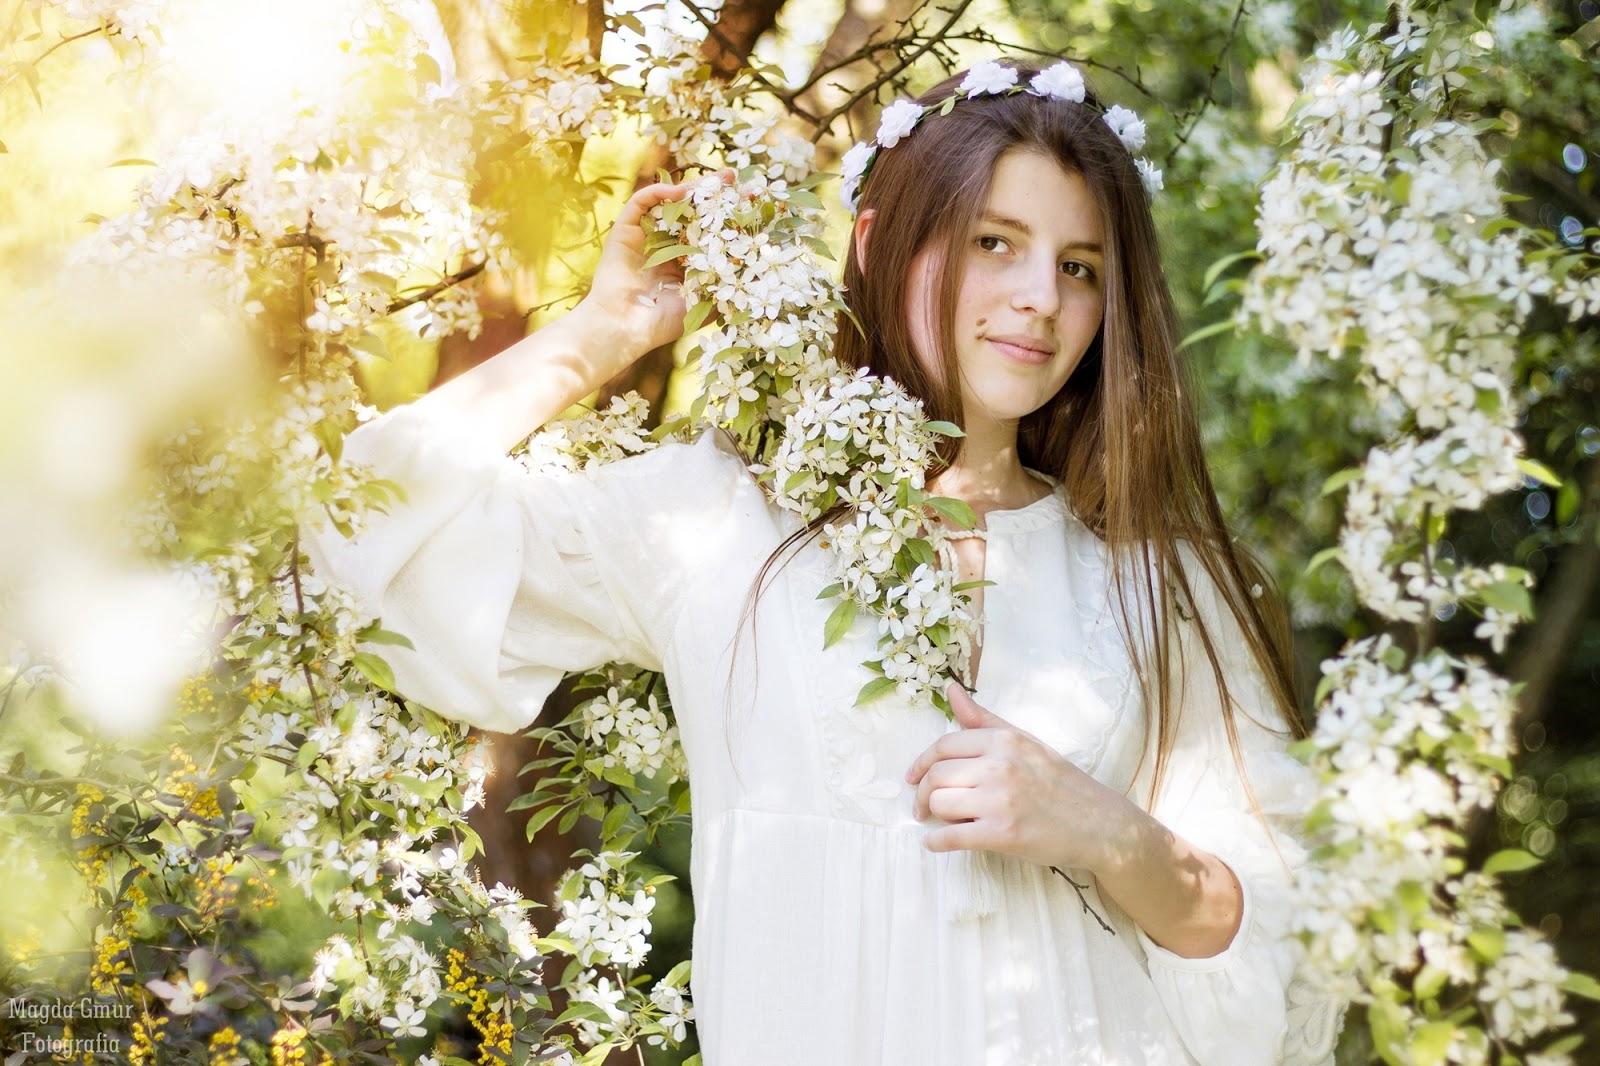 Sesja Ogrod Botaniczny Lublin, sesja w sadzie, sesja w kwiatach, biale kwiaty